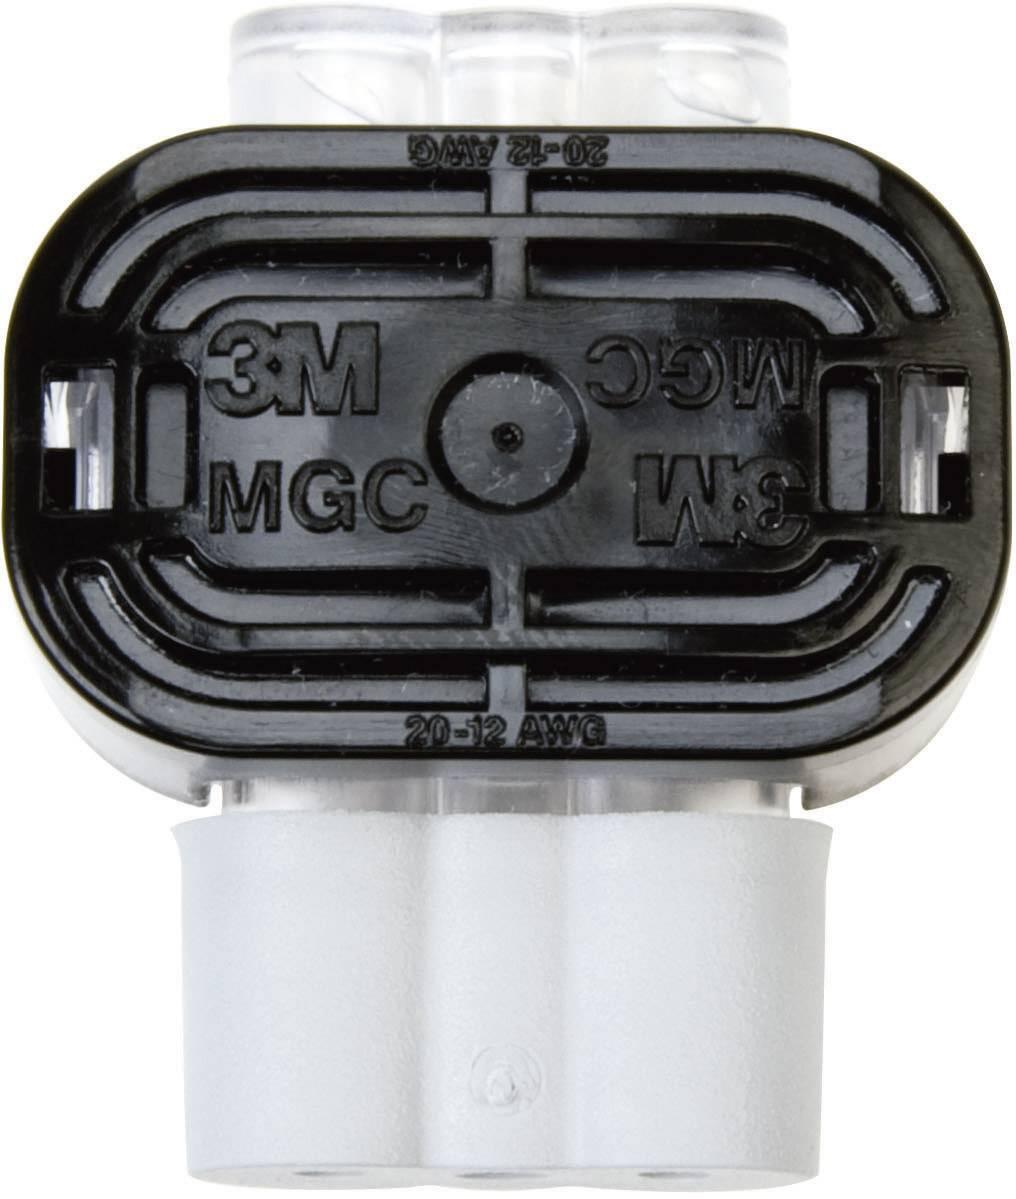 Nízkonapěťový konektor 3M 80611434152 na kábel s rozmerom 0.79-3.14 mm², tuhosť 0.79-3.14 mm², počet pinov 2, 1 ks, sivá